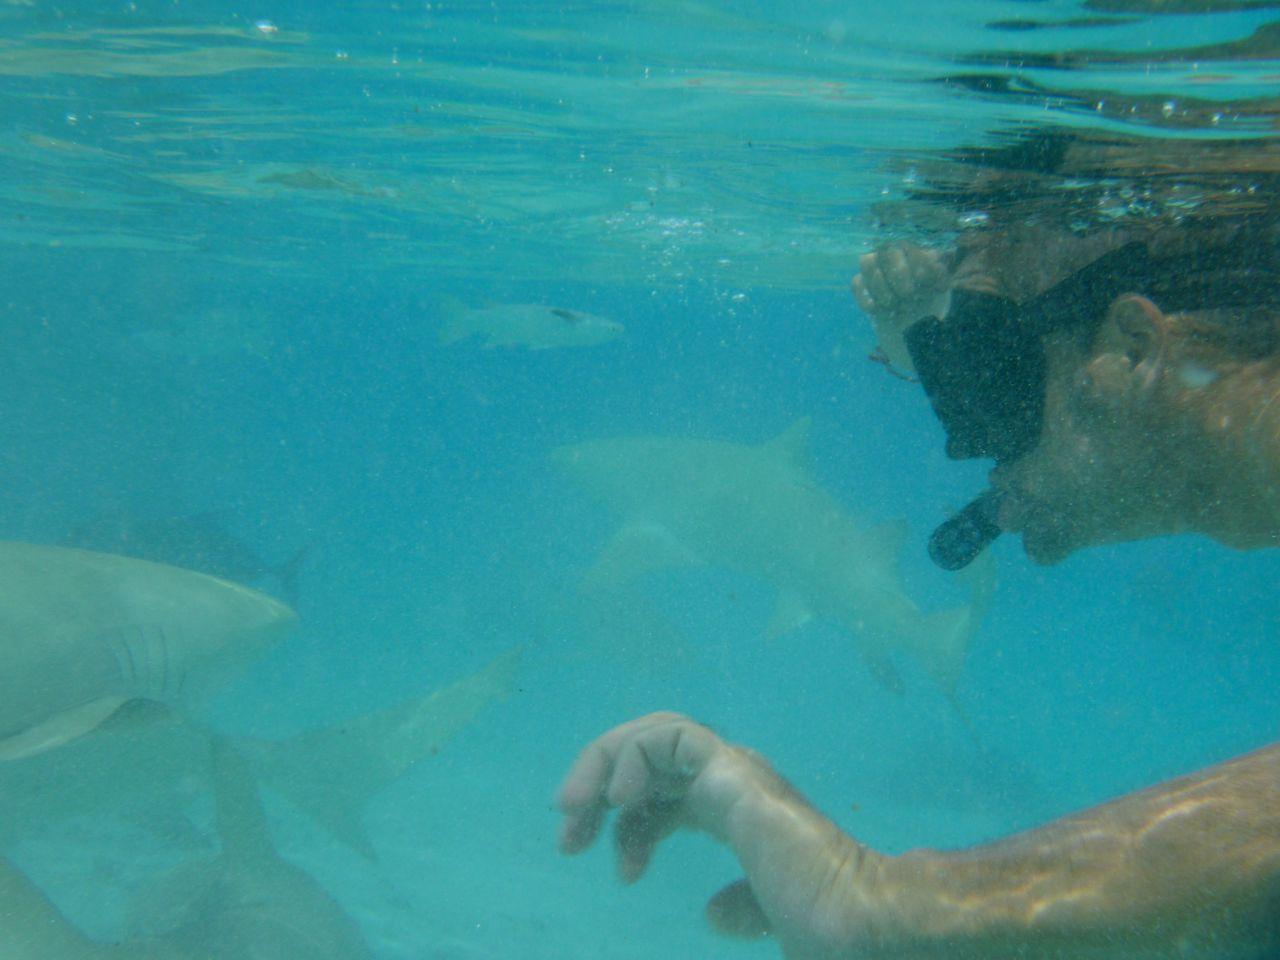 Constantin und Paula in Mitten von knapp 10 Zitronenhaien